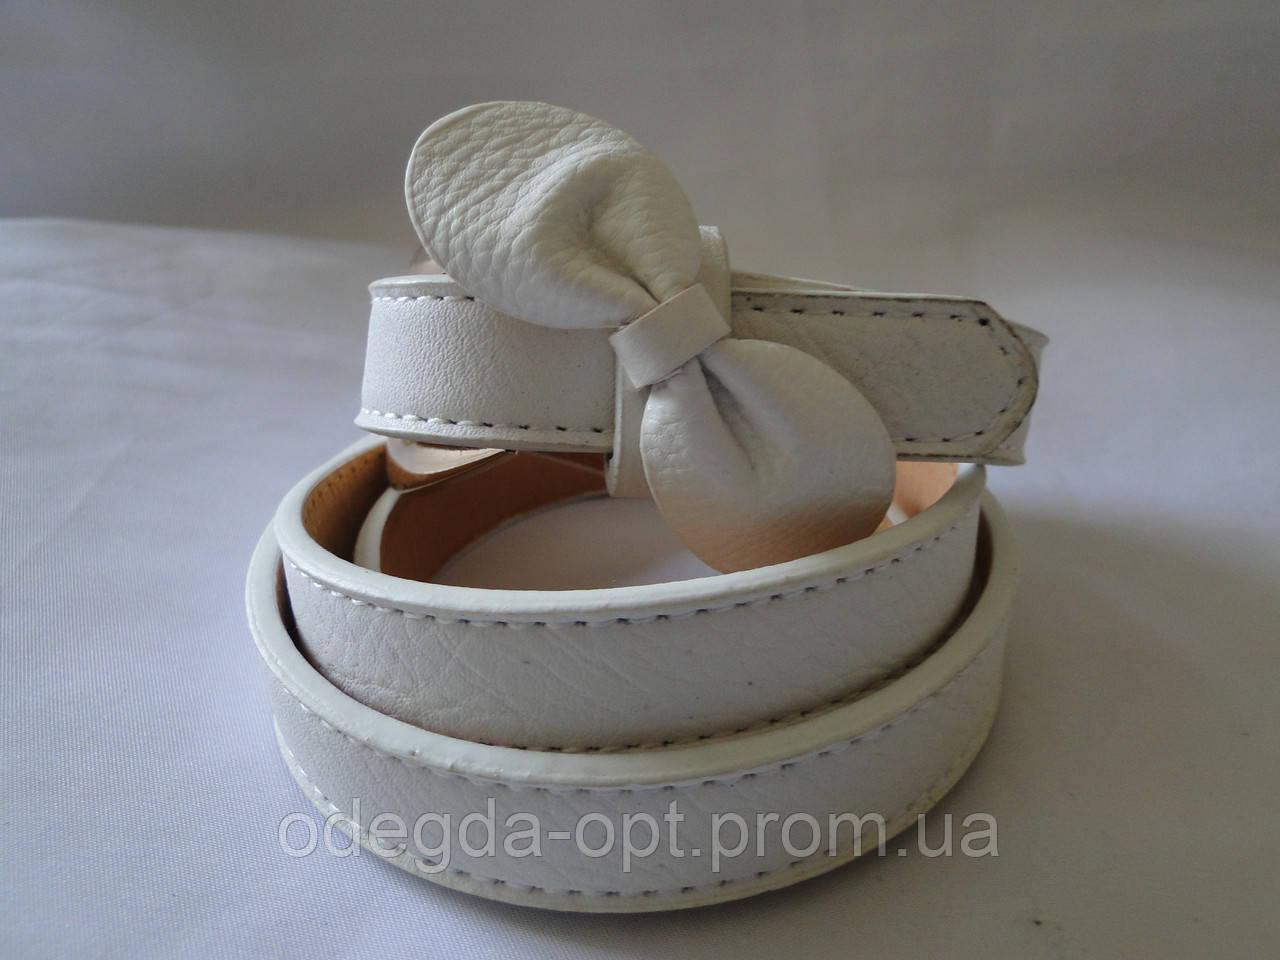 Ремень женский кожзам купить оптом дешево в Одессе 7км модные качественные